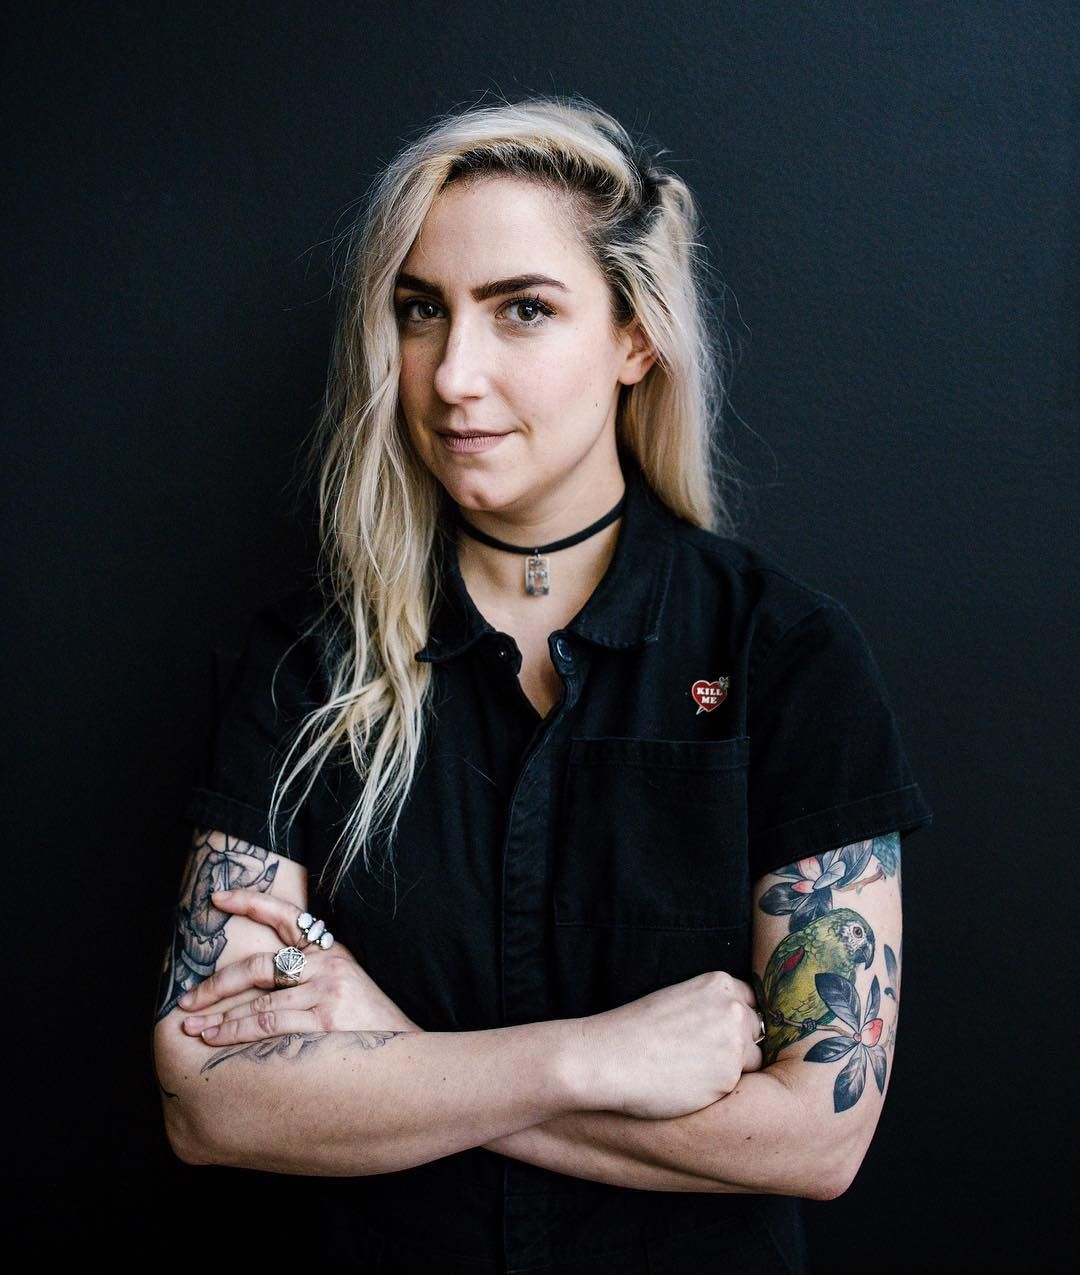 JENNA BLAZEVICH - ARTIST BEHIND Vichcraft